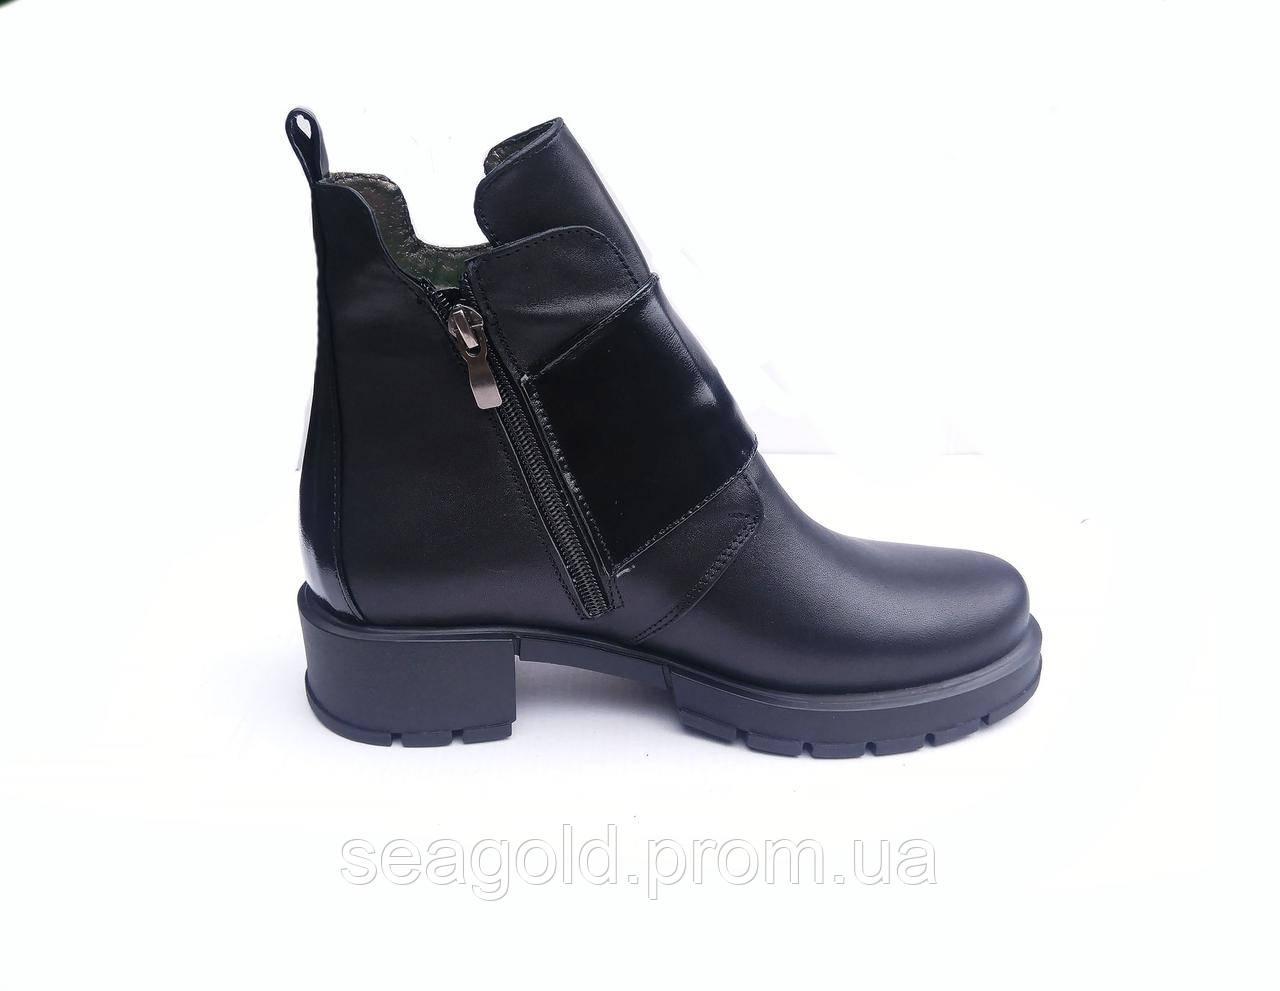 0ab5b7975a9f Женские зимние модные кожаные ботинки мод.